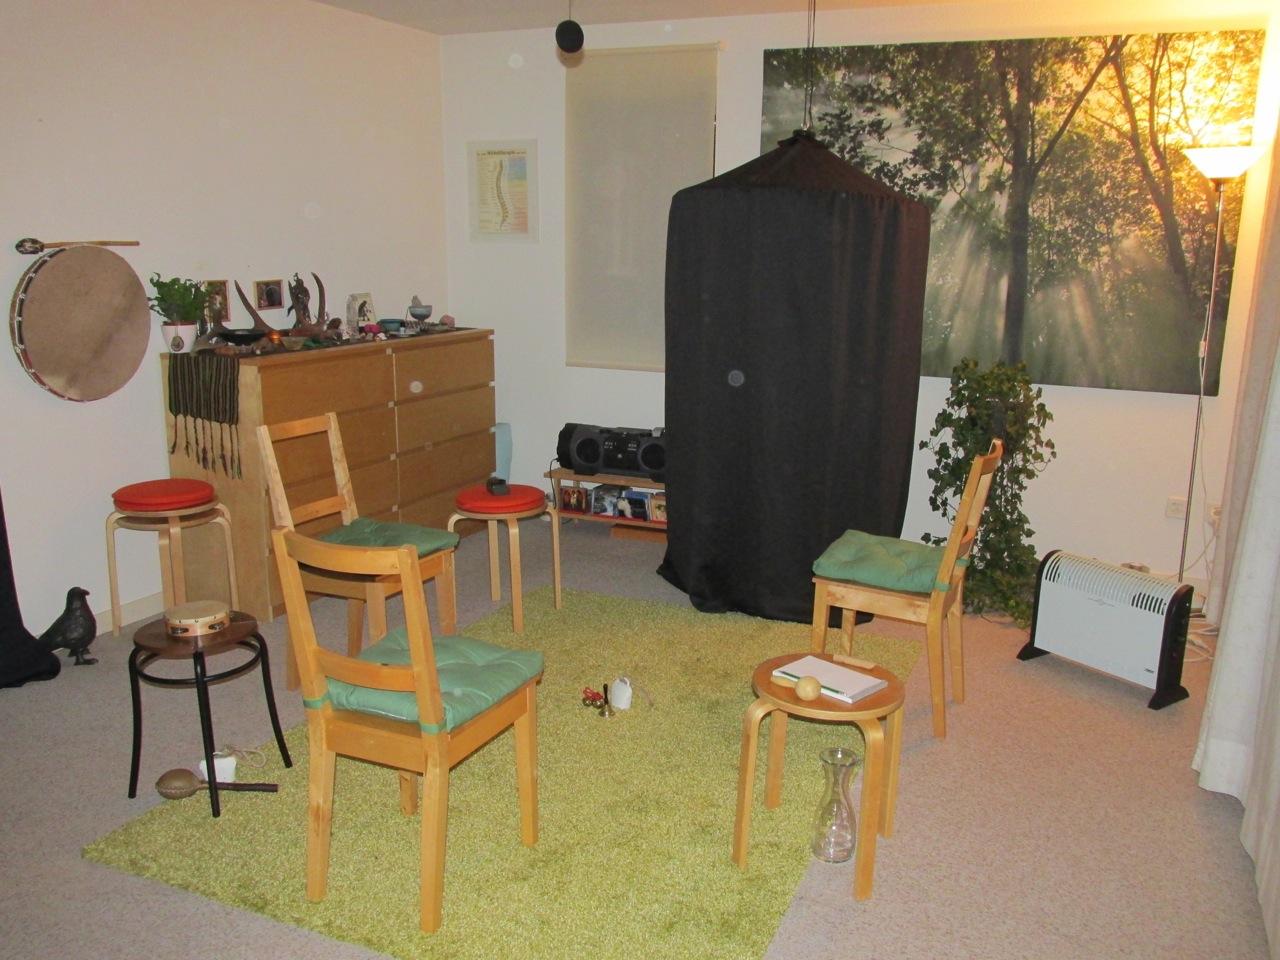 Séanceraum mit Kabinett und 'Spirit-Lichtlein' (Orbs) - 1